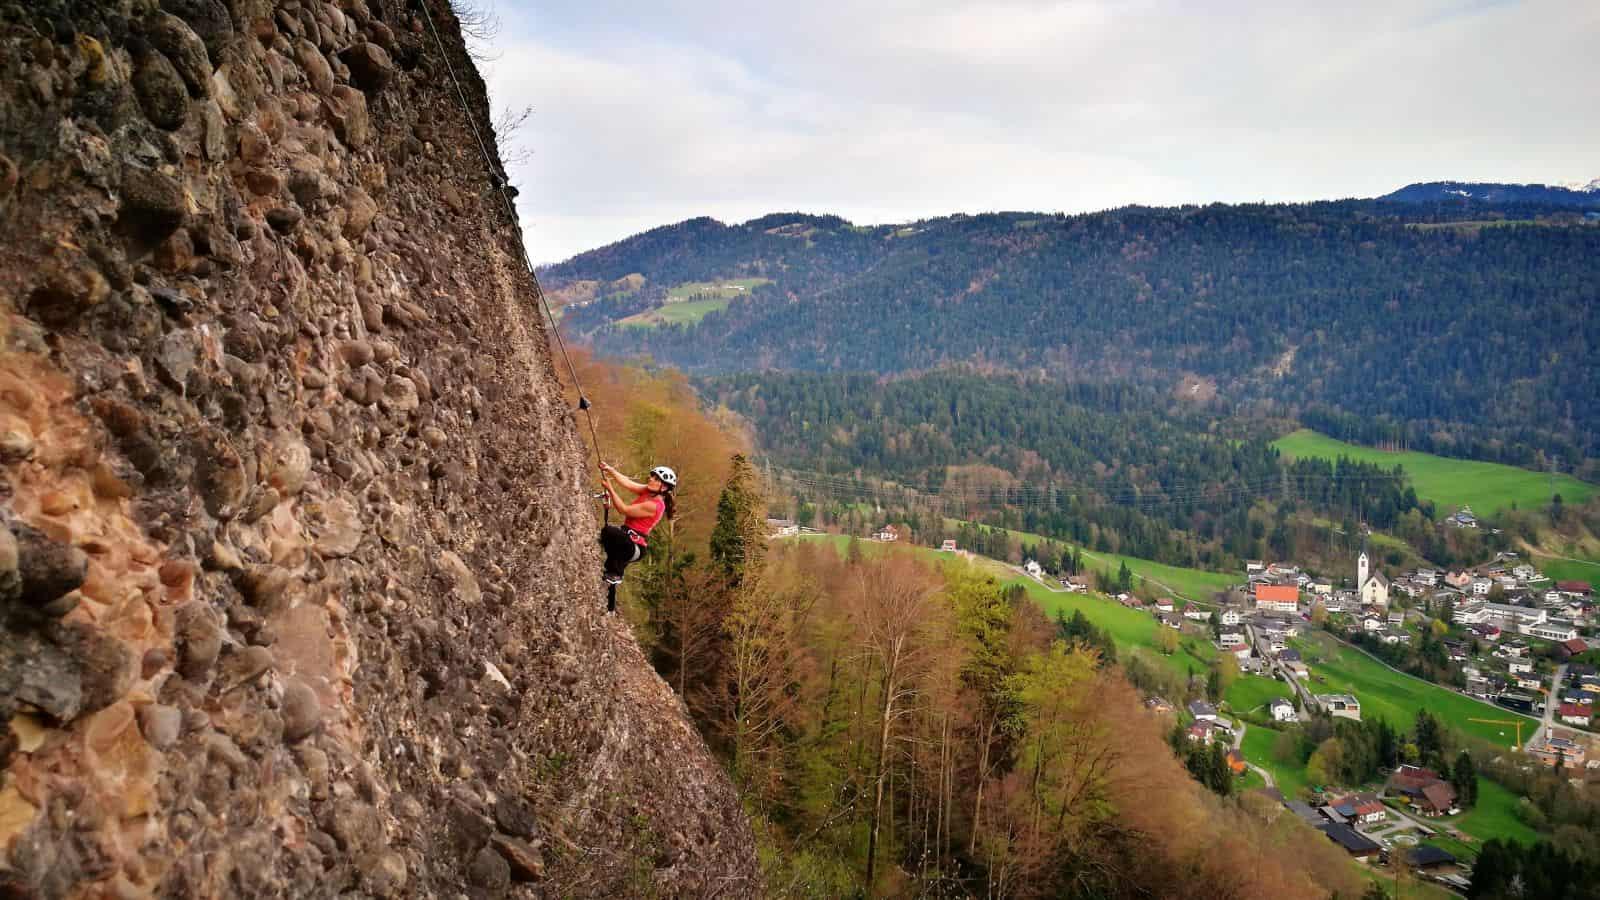 Wanderung mit Klettersteig Variante am Känzele!